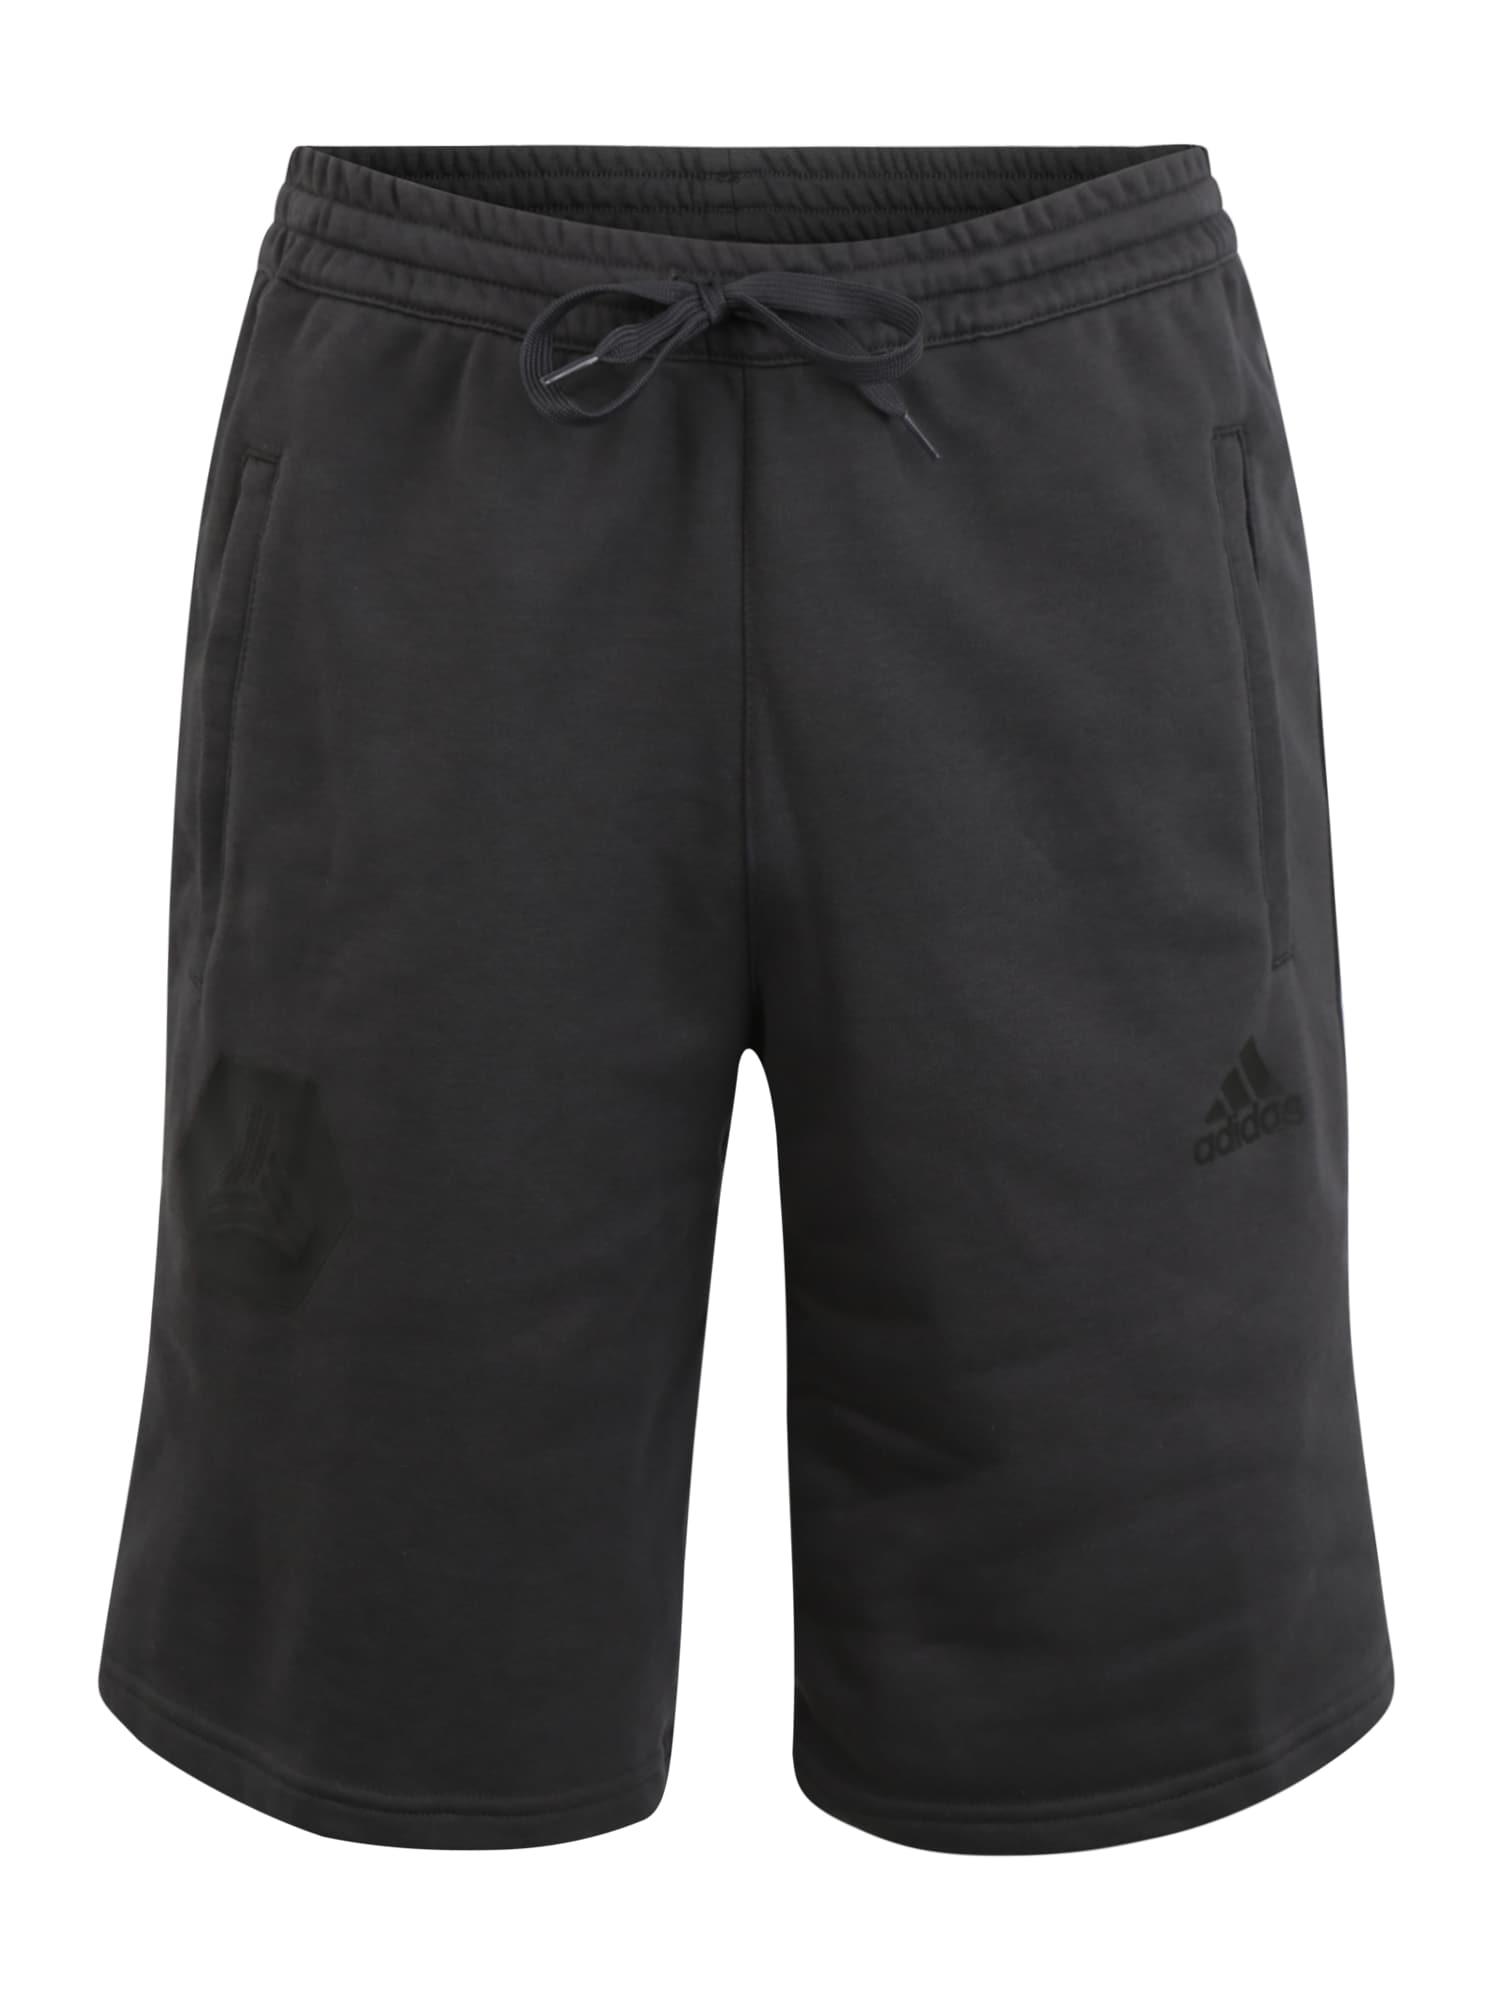 ADIDAS PERFORMANCE Sportinės kelnės 'TAN SW LOGO SHO' tamsiai pilka